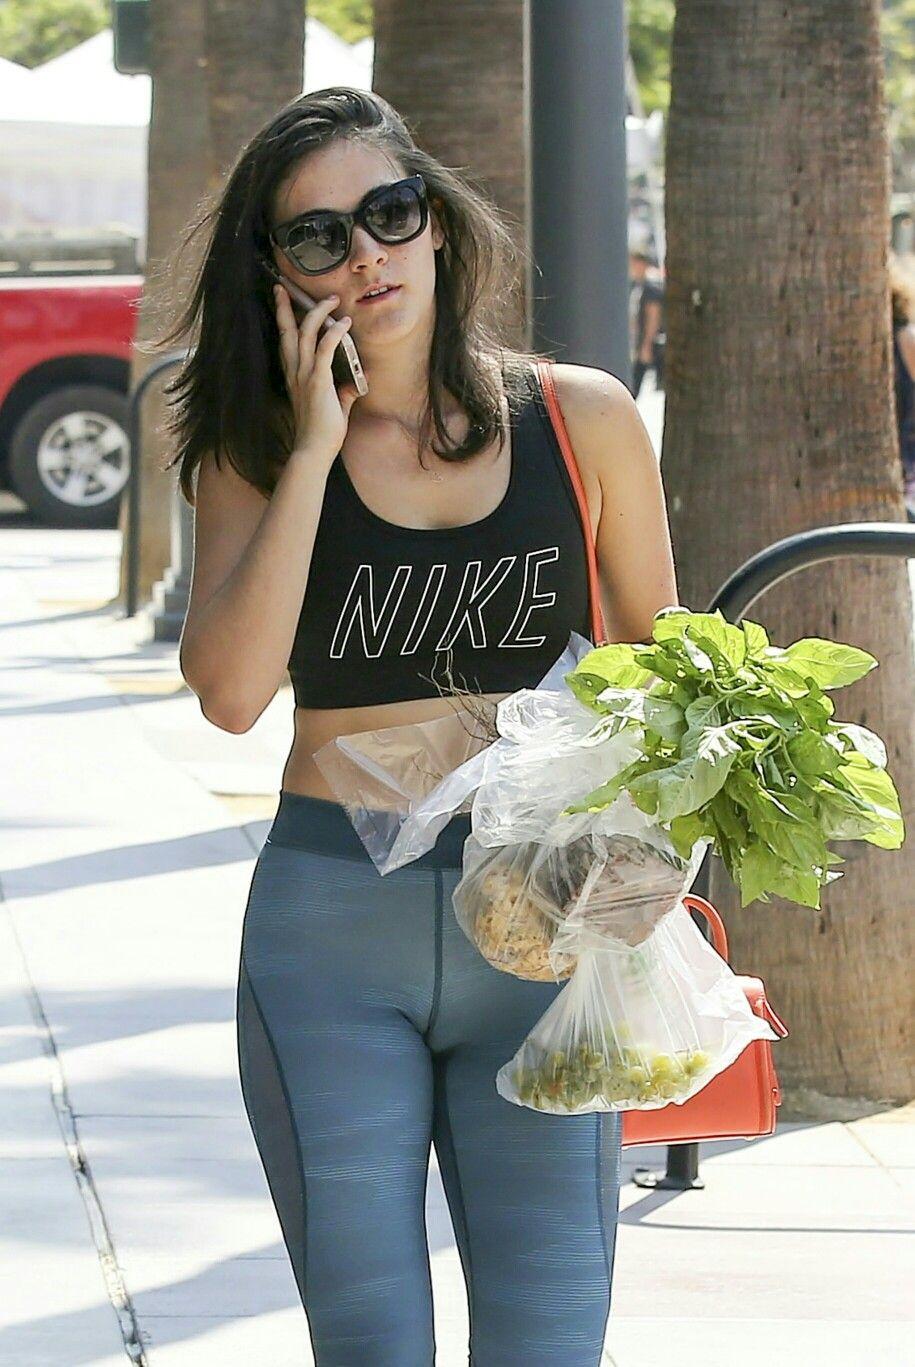 Objetado Brillante Desgastado  Isabelle Fuhrman   Tight pants, Actresses, Girl